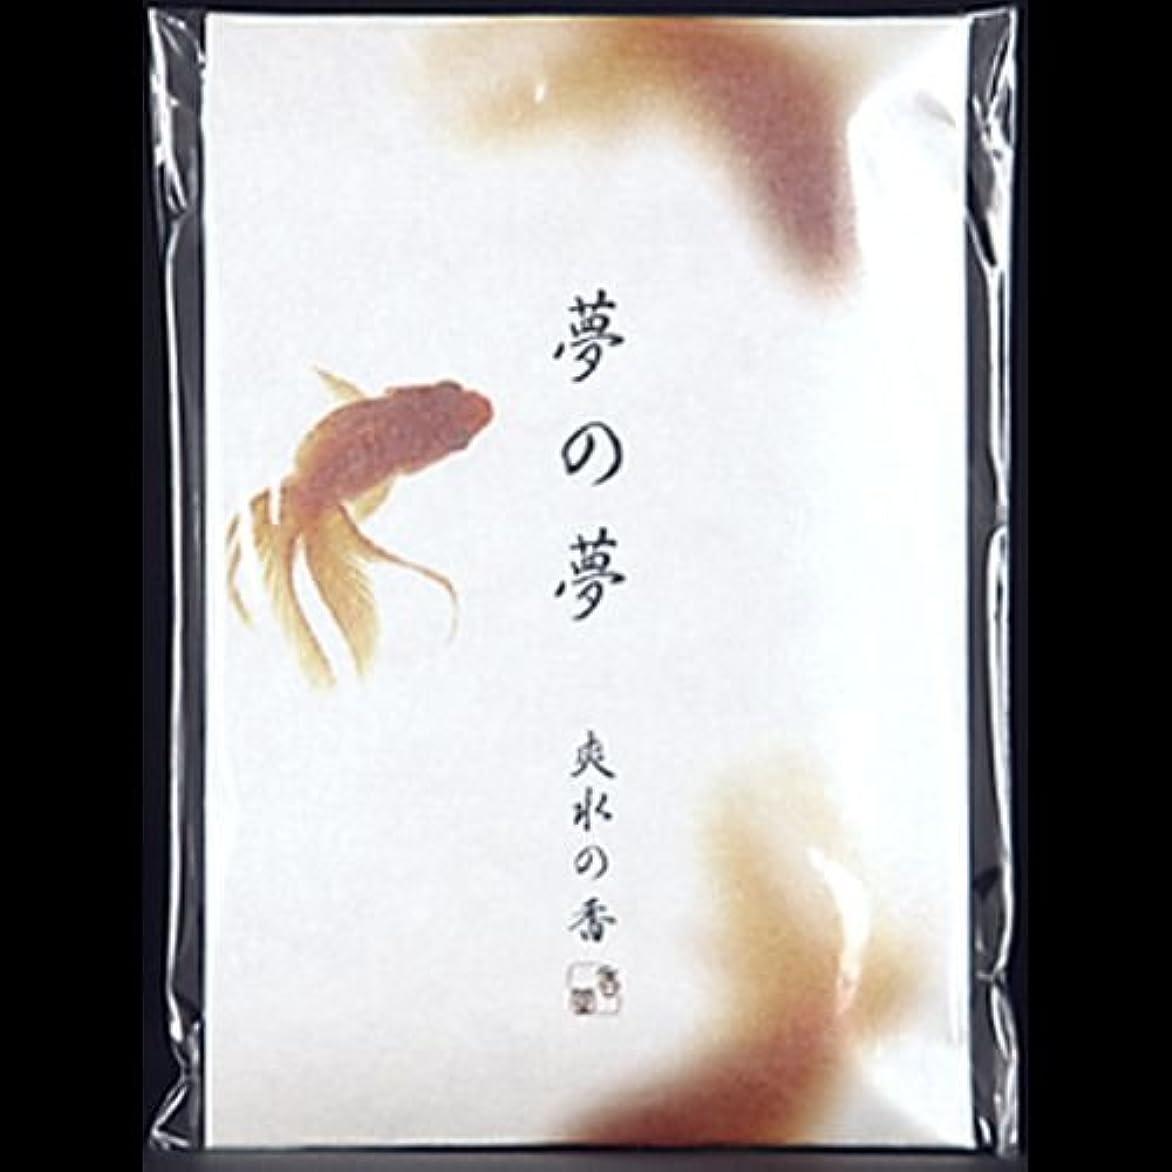 肌バーガー前提条件【まとめ買い】夢の夢 爽水の香 (金魚) スティック12本入 ×2セット